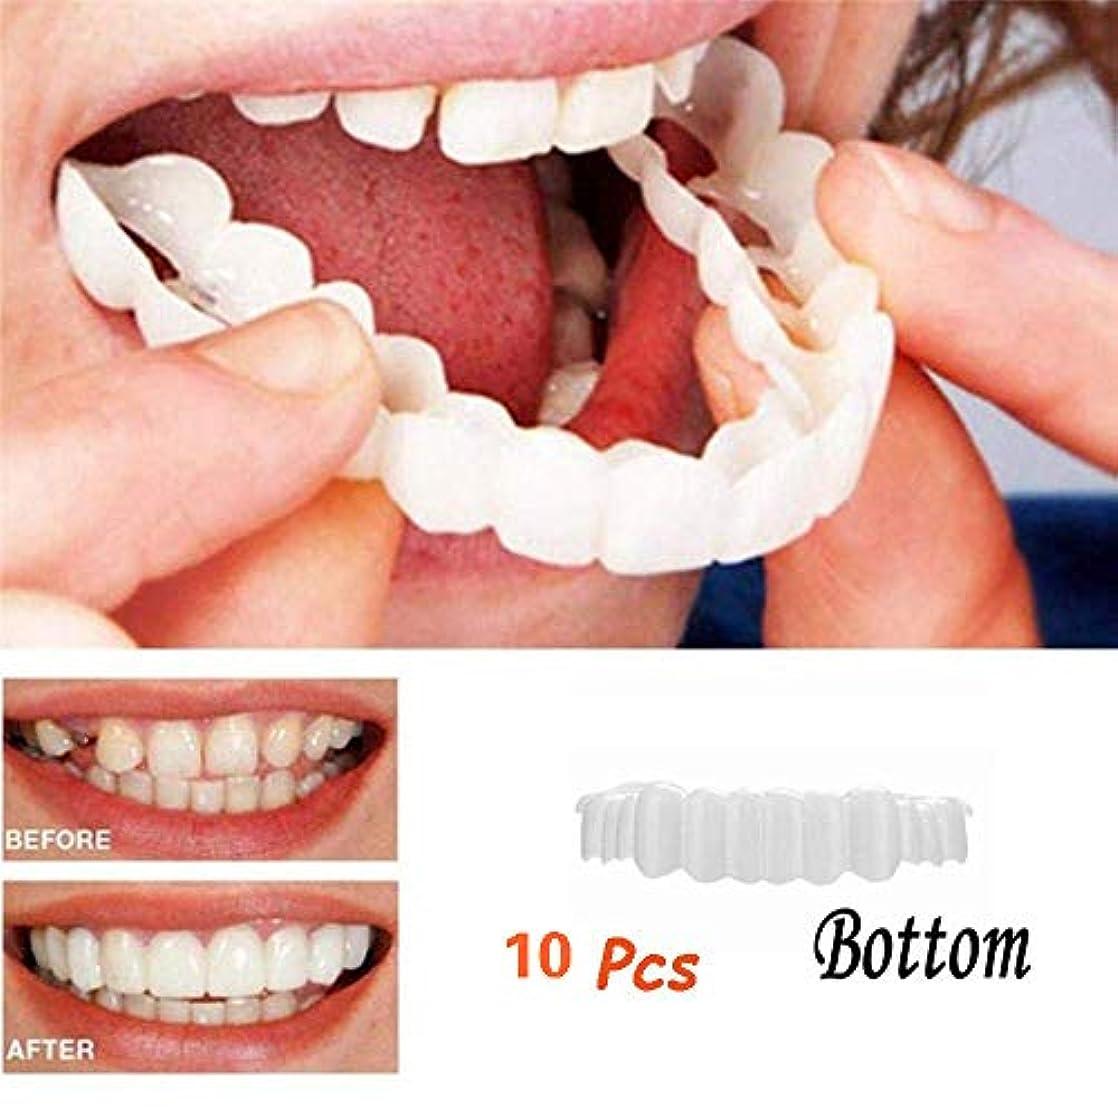 存在自信がある破壊的な10ピース化粧品歯化粧品歯科スナップインスタントパーフェクトスマイルコンフォートフィットフレックス歯白い歯カバーフィットほとんどの偽底歯